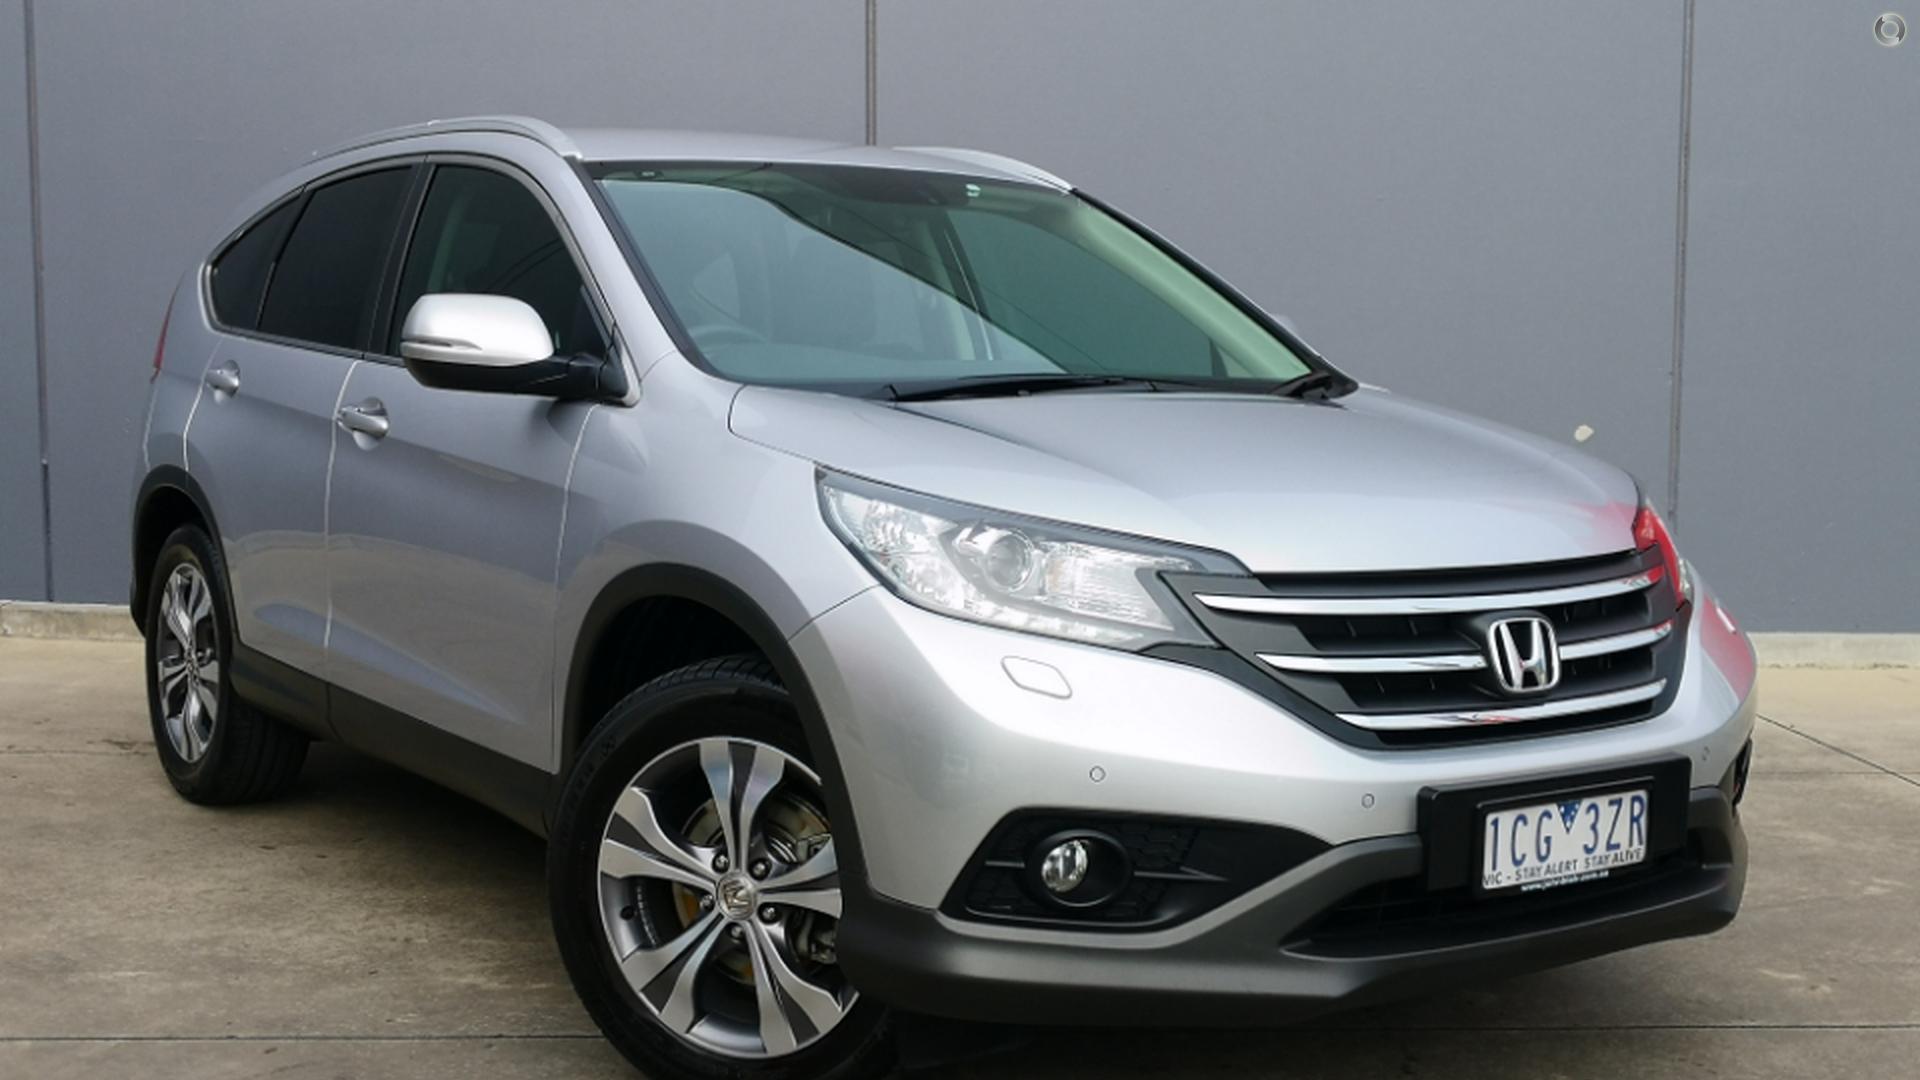 2014 Honda Cr-v Dti-l